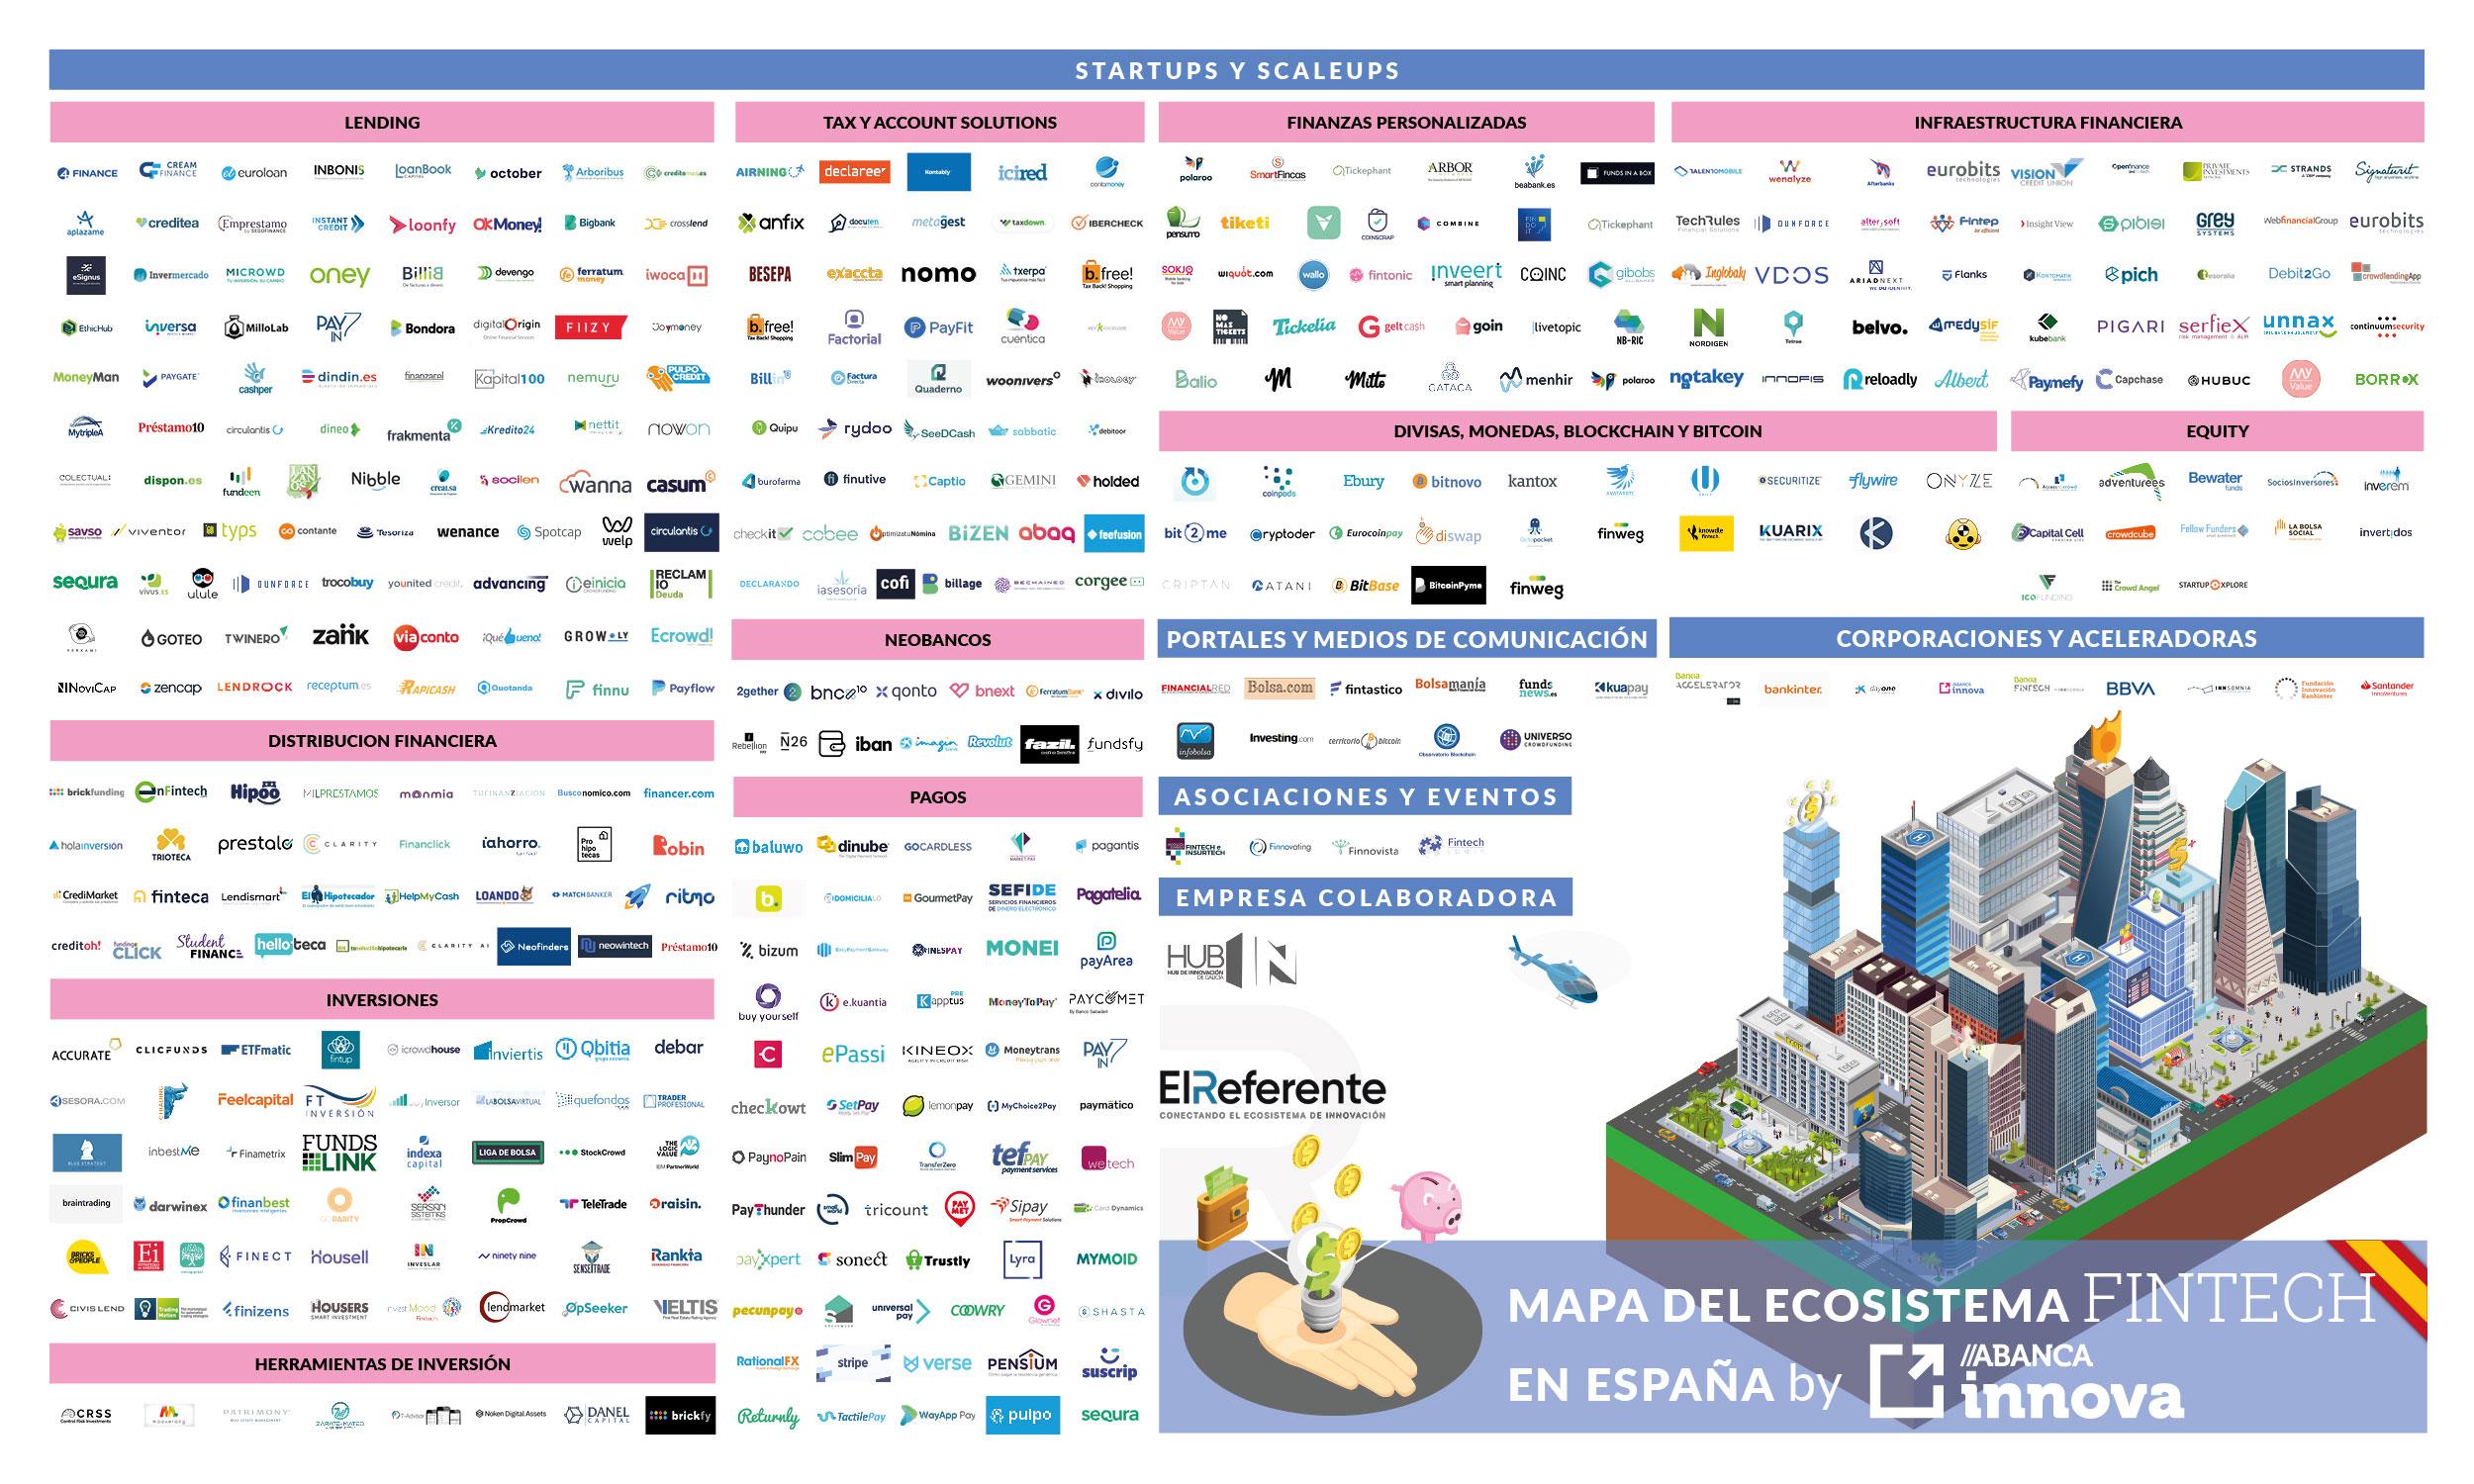 Mapa actualizado (julio 2021) del ecosistema Fintech español.